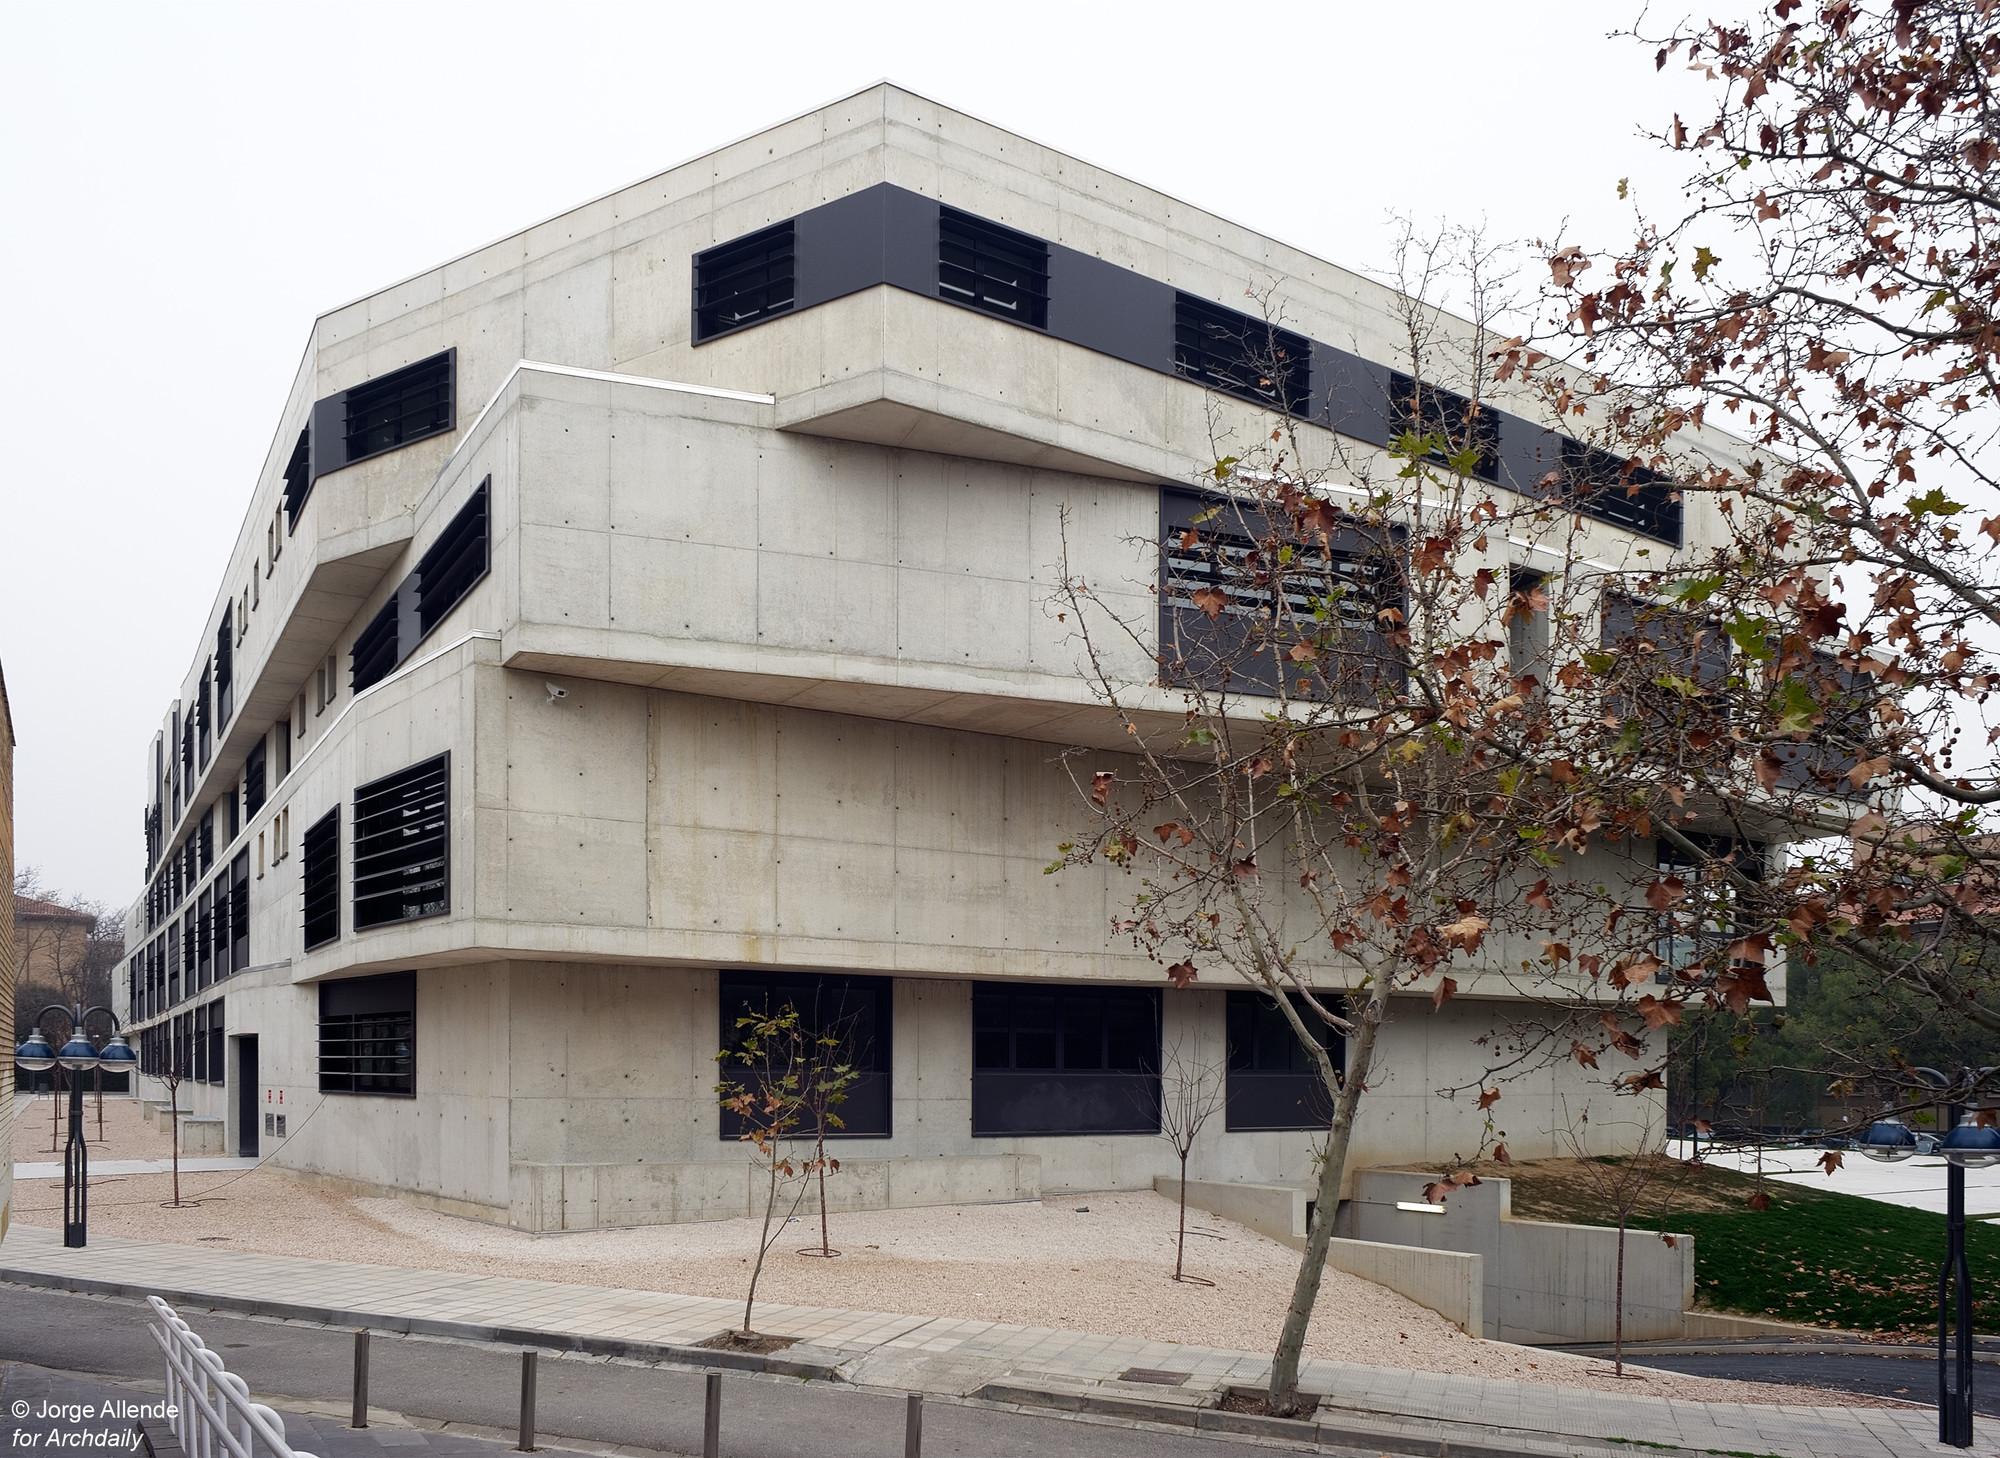 facultad de ciencias de la educaci n universidad de On arquitectura zaragoza universidad